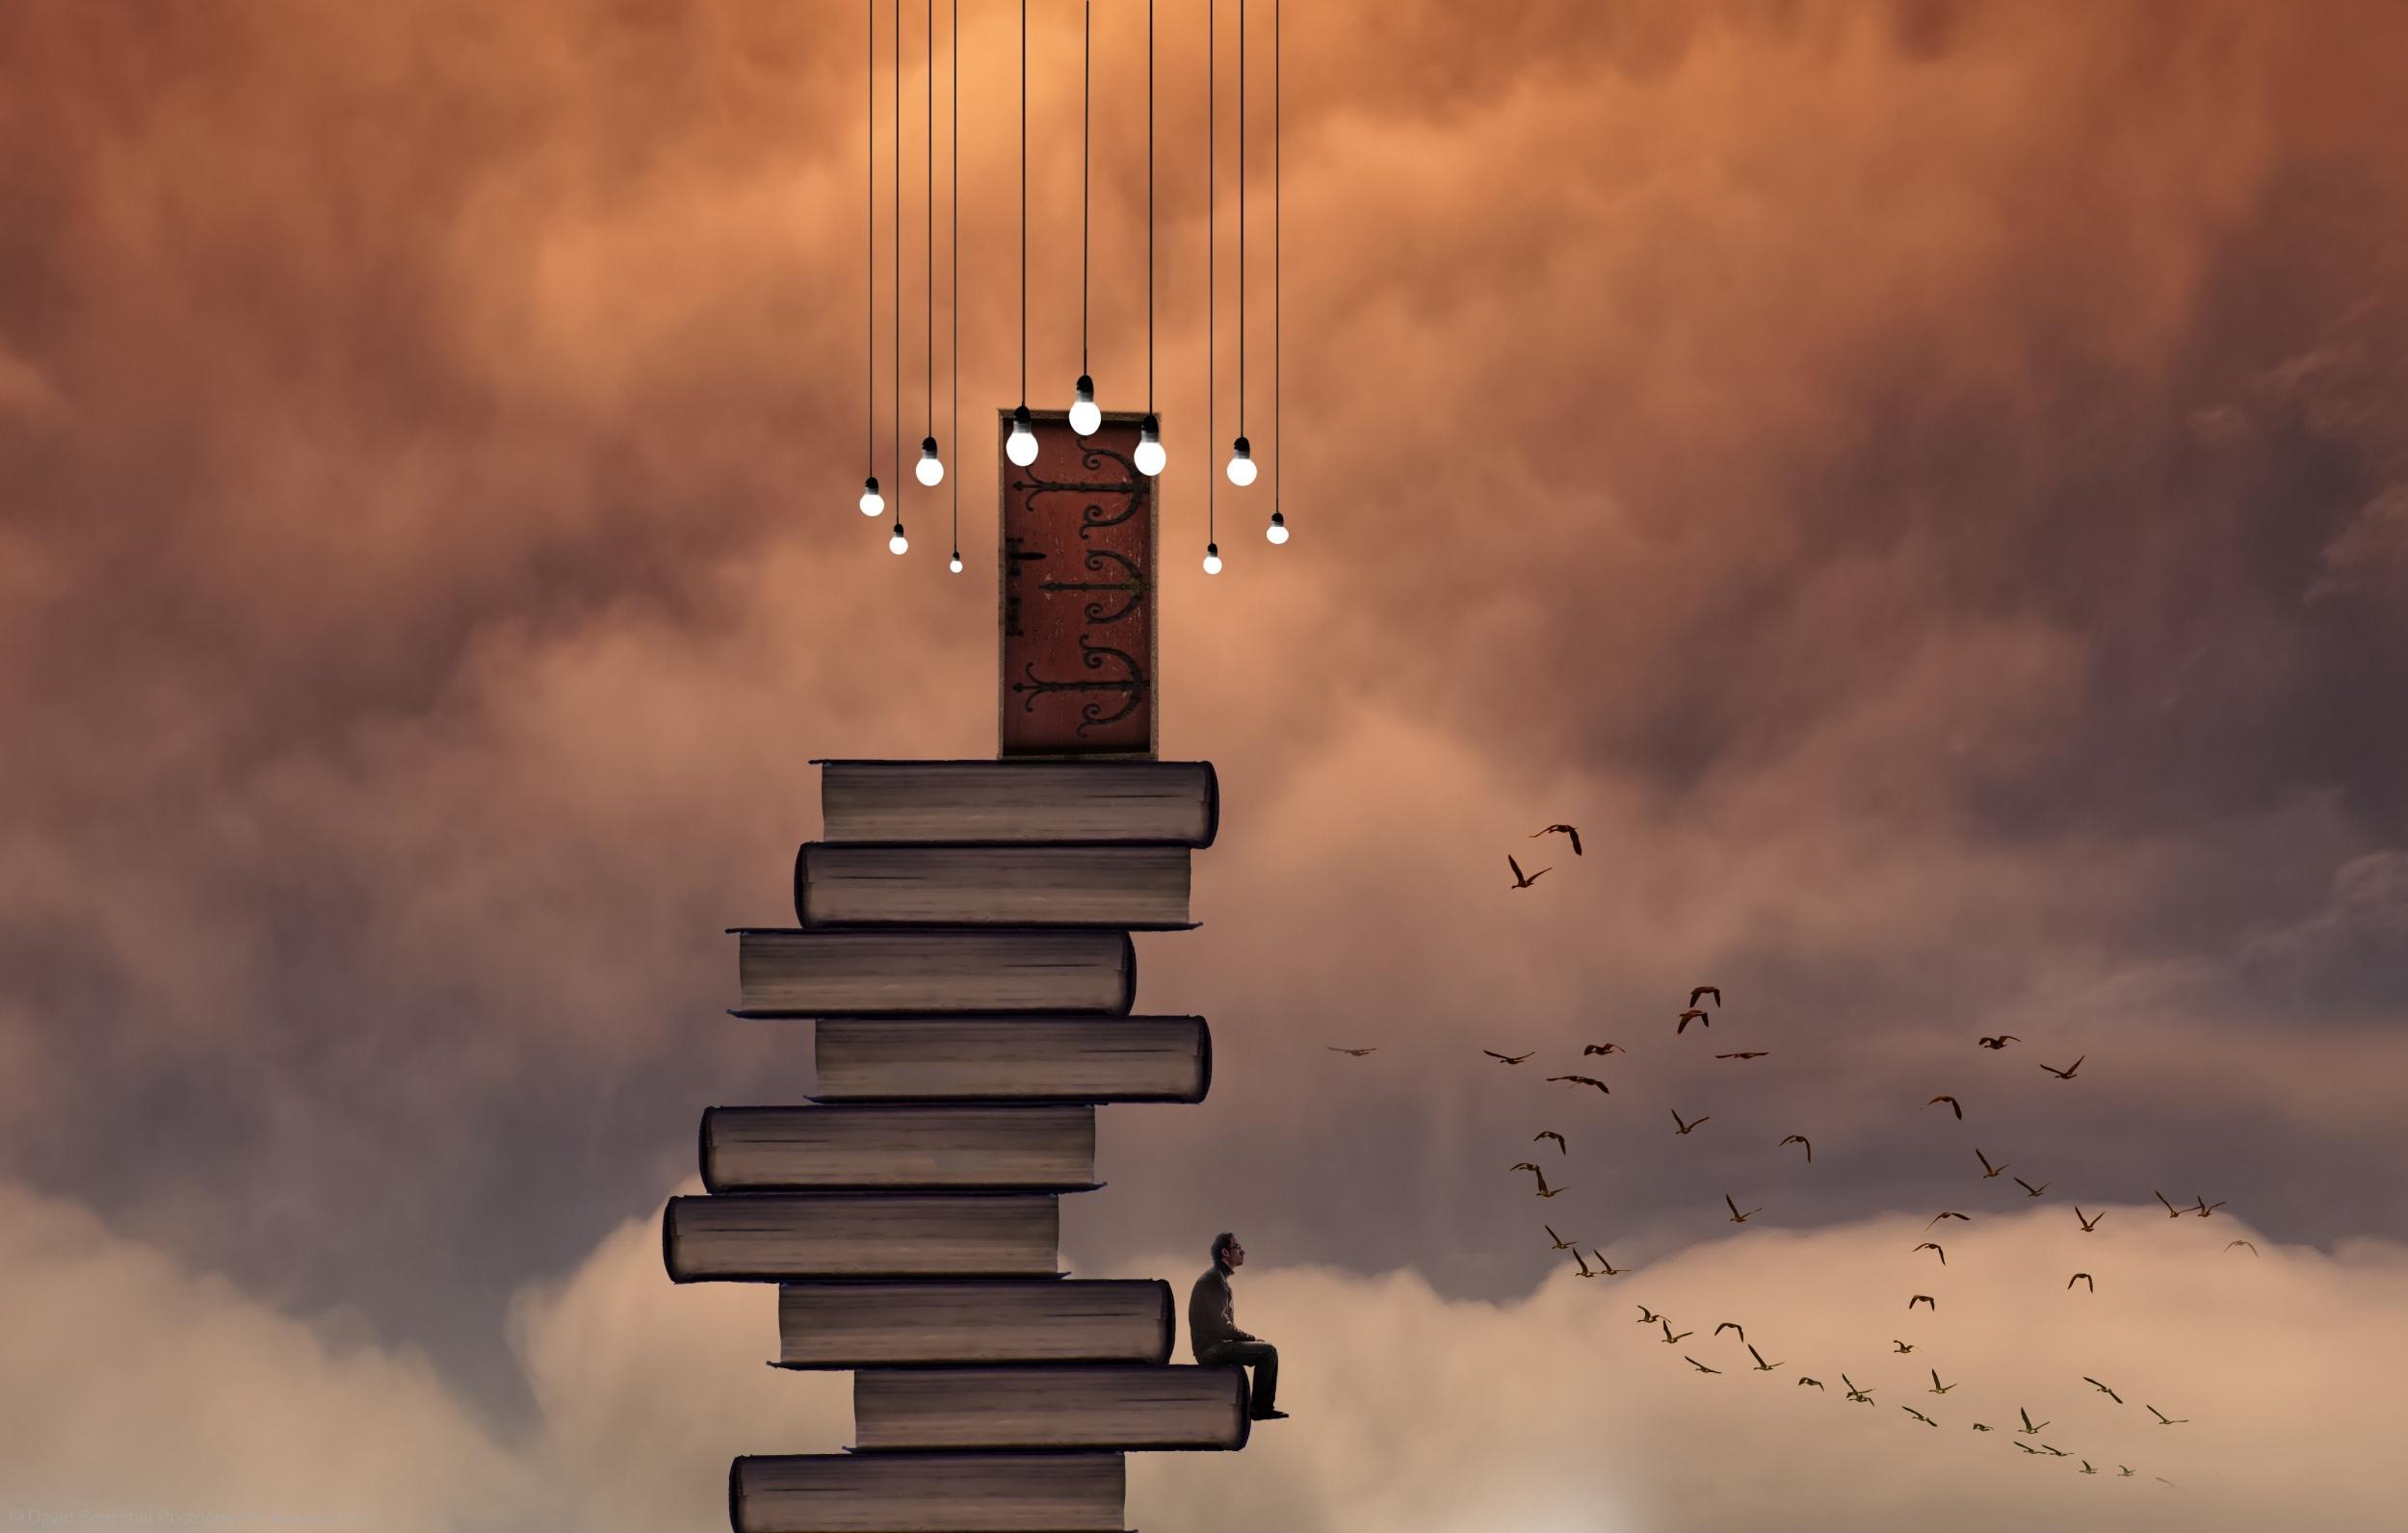 situations-books-man-creative-design-art-birds-hd-wallpaper